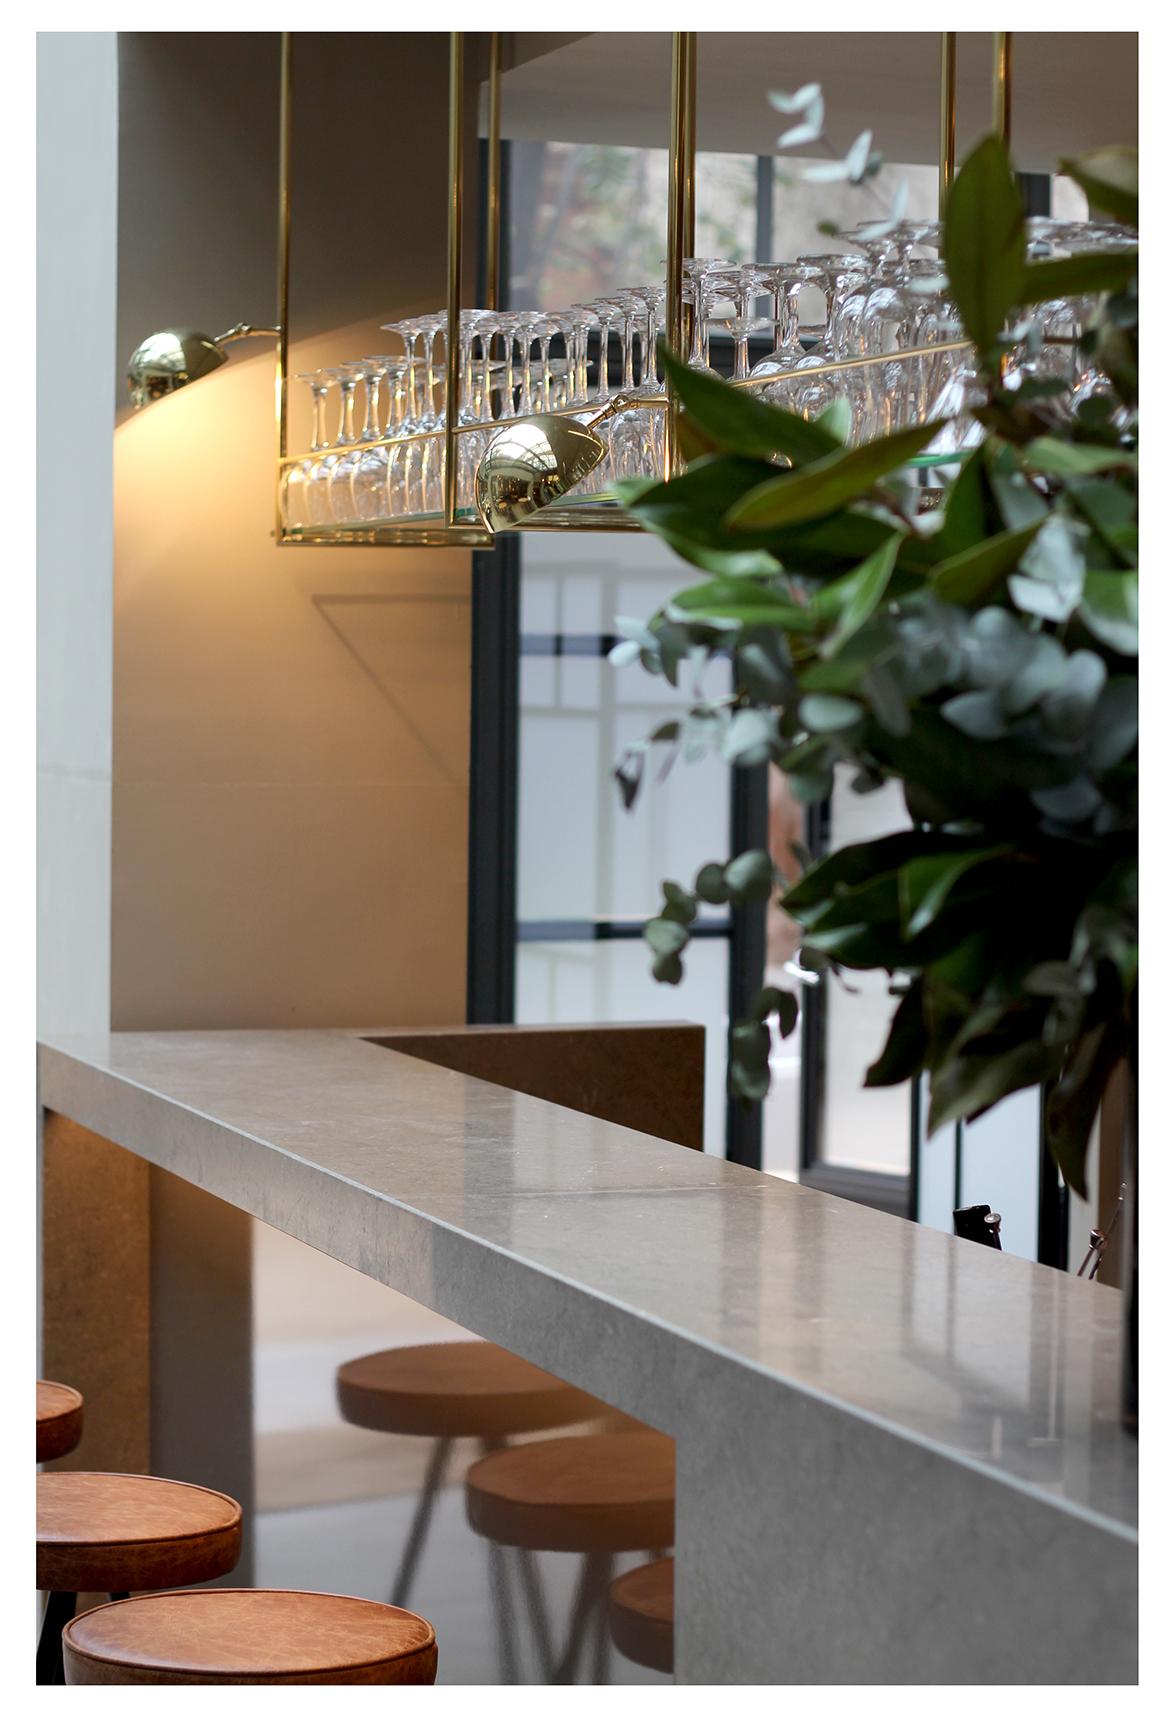 h10_casa-mimosa_emilio-lecuona-foto_07